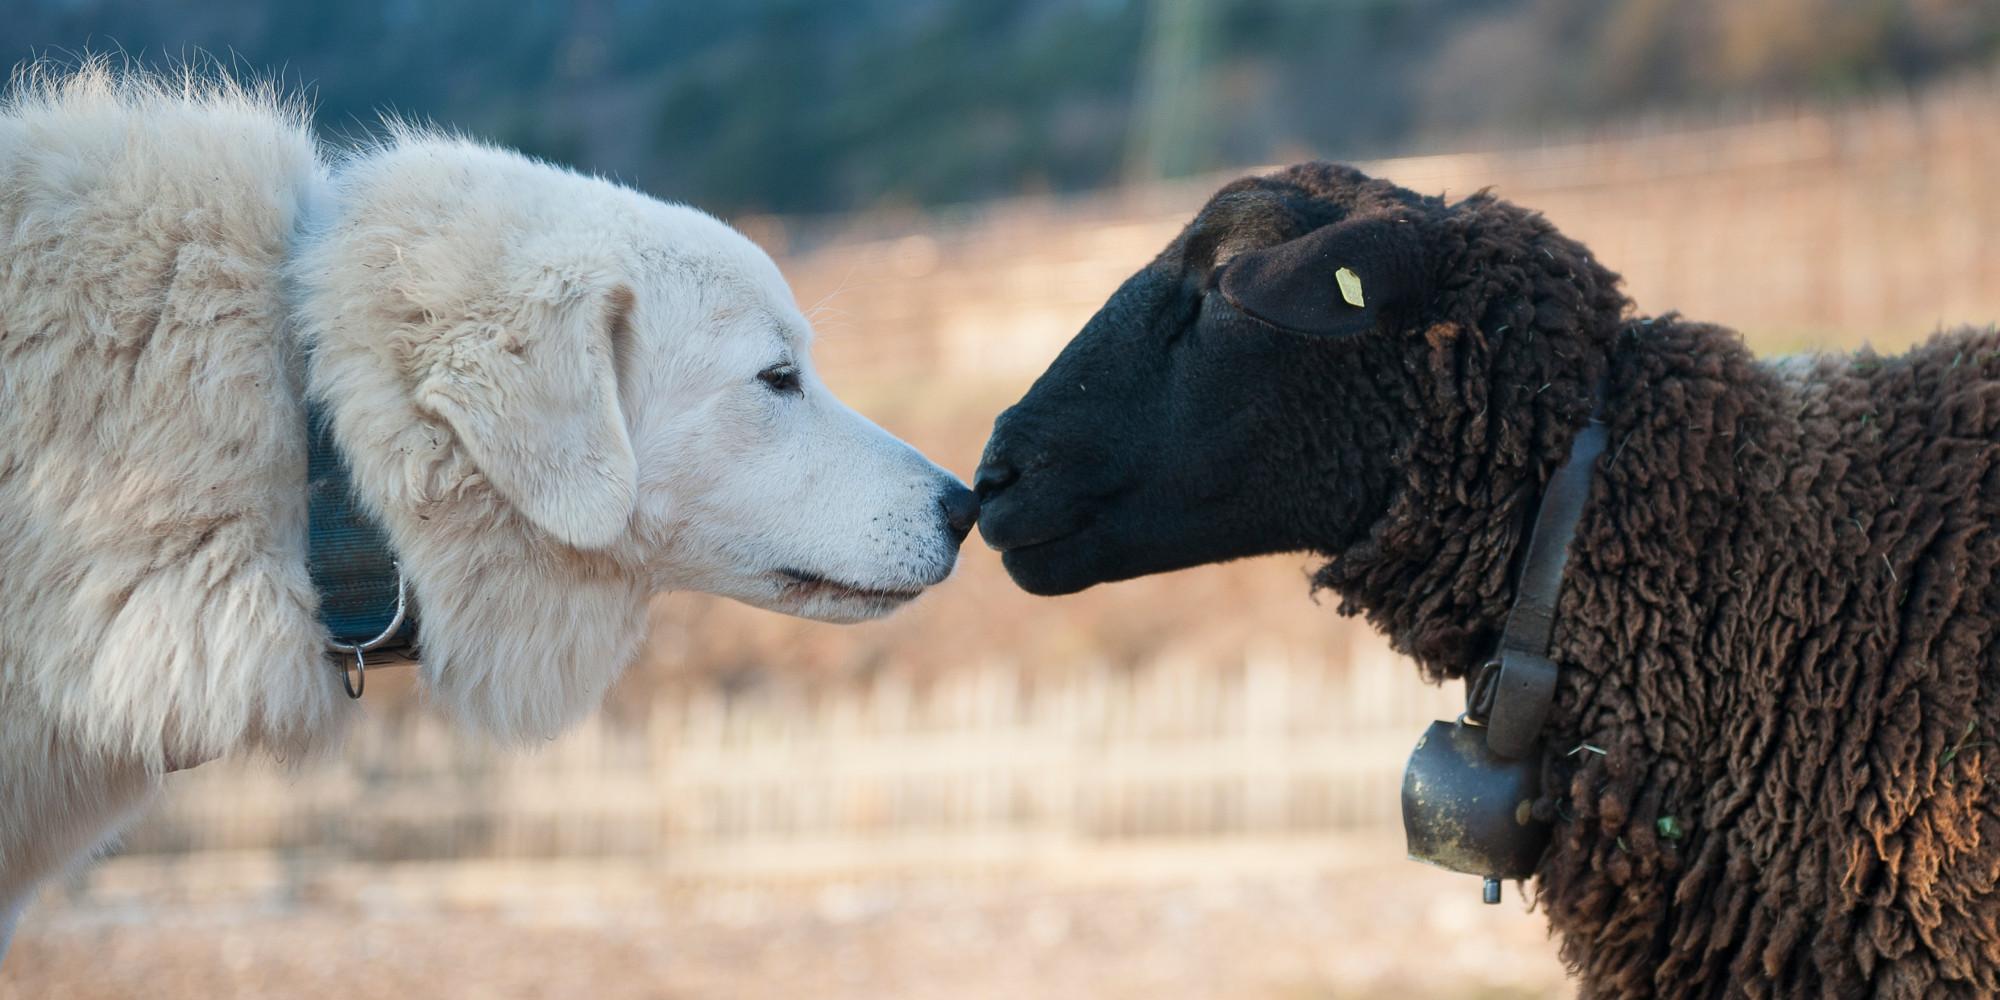 Cani da guardiania: cane da guardiania muso a muso con una pecora nera